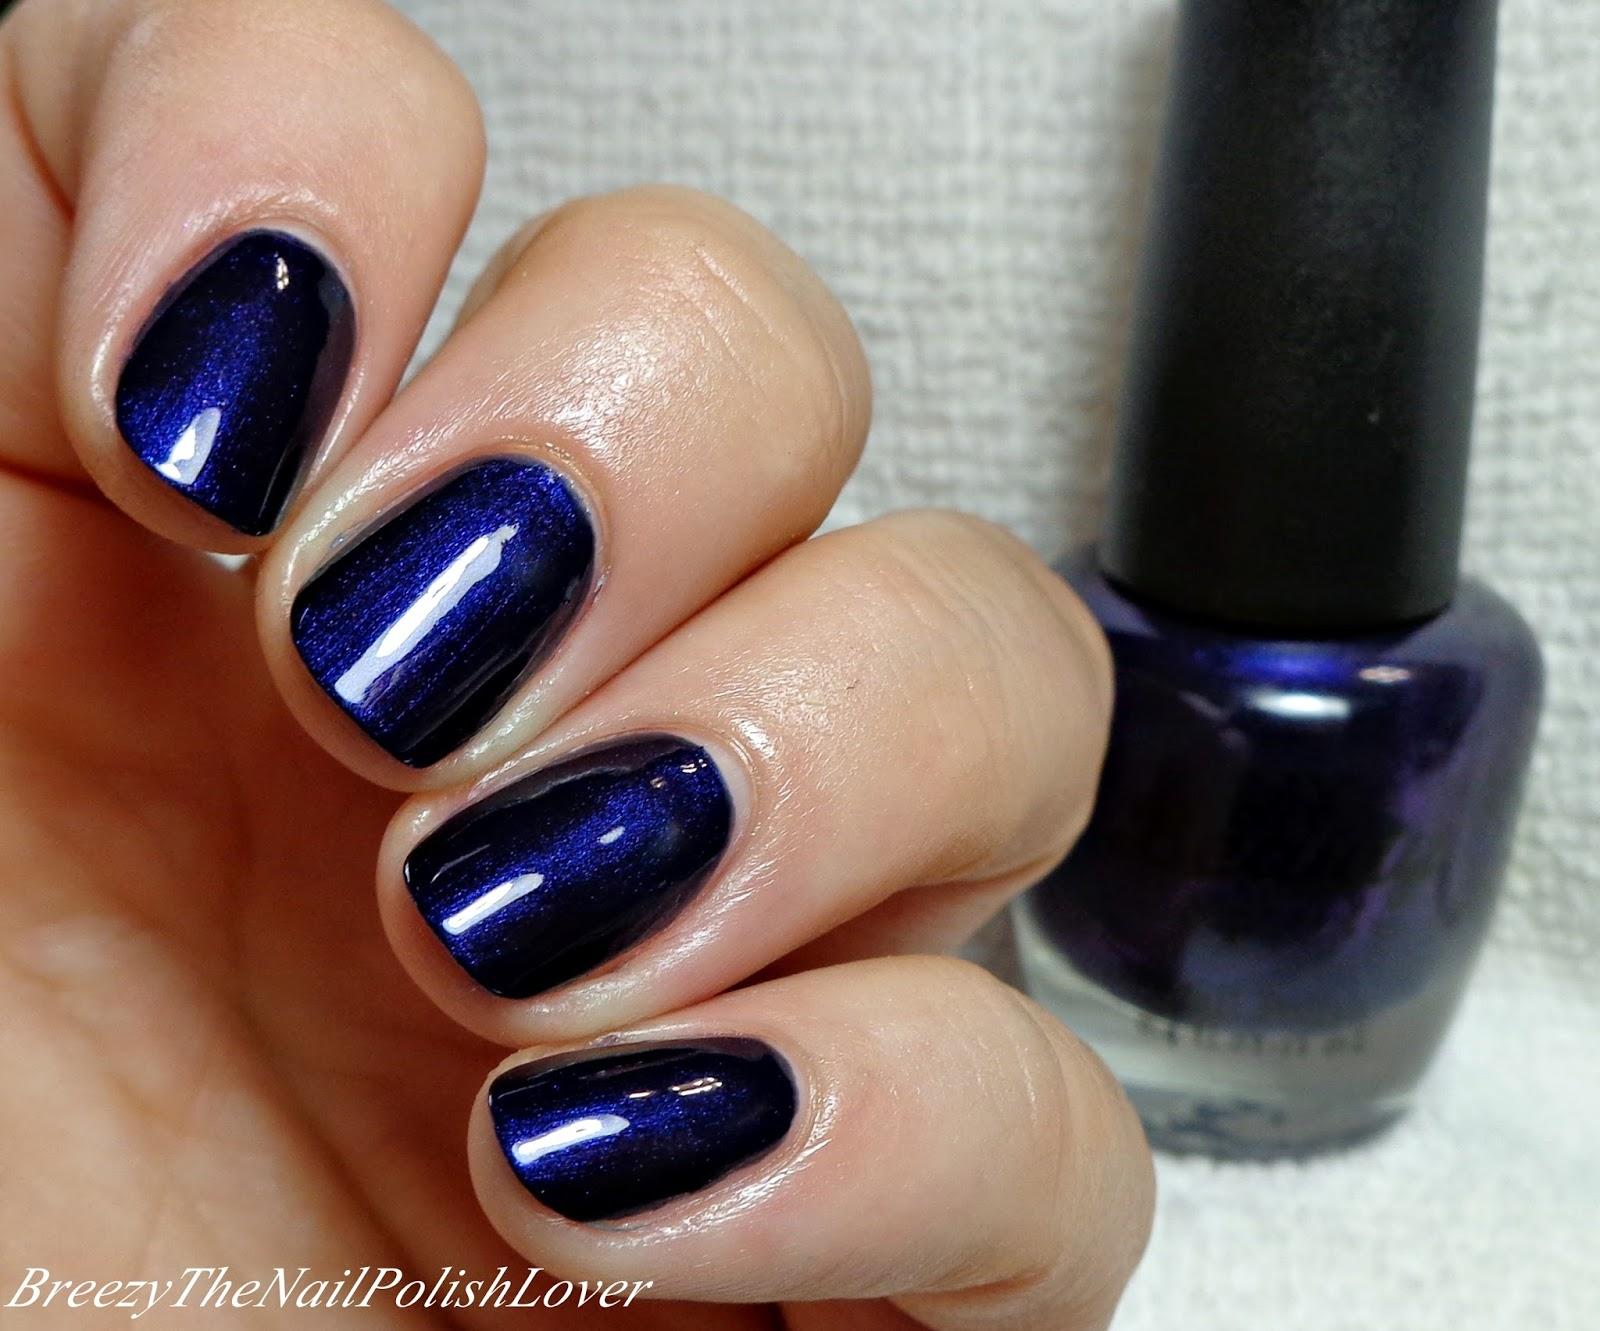 BreezyTheNailPolishLover: My Beauty Spot Nail Polish Swatches/Review ...